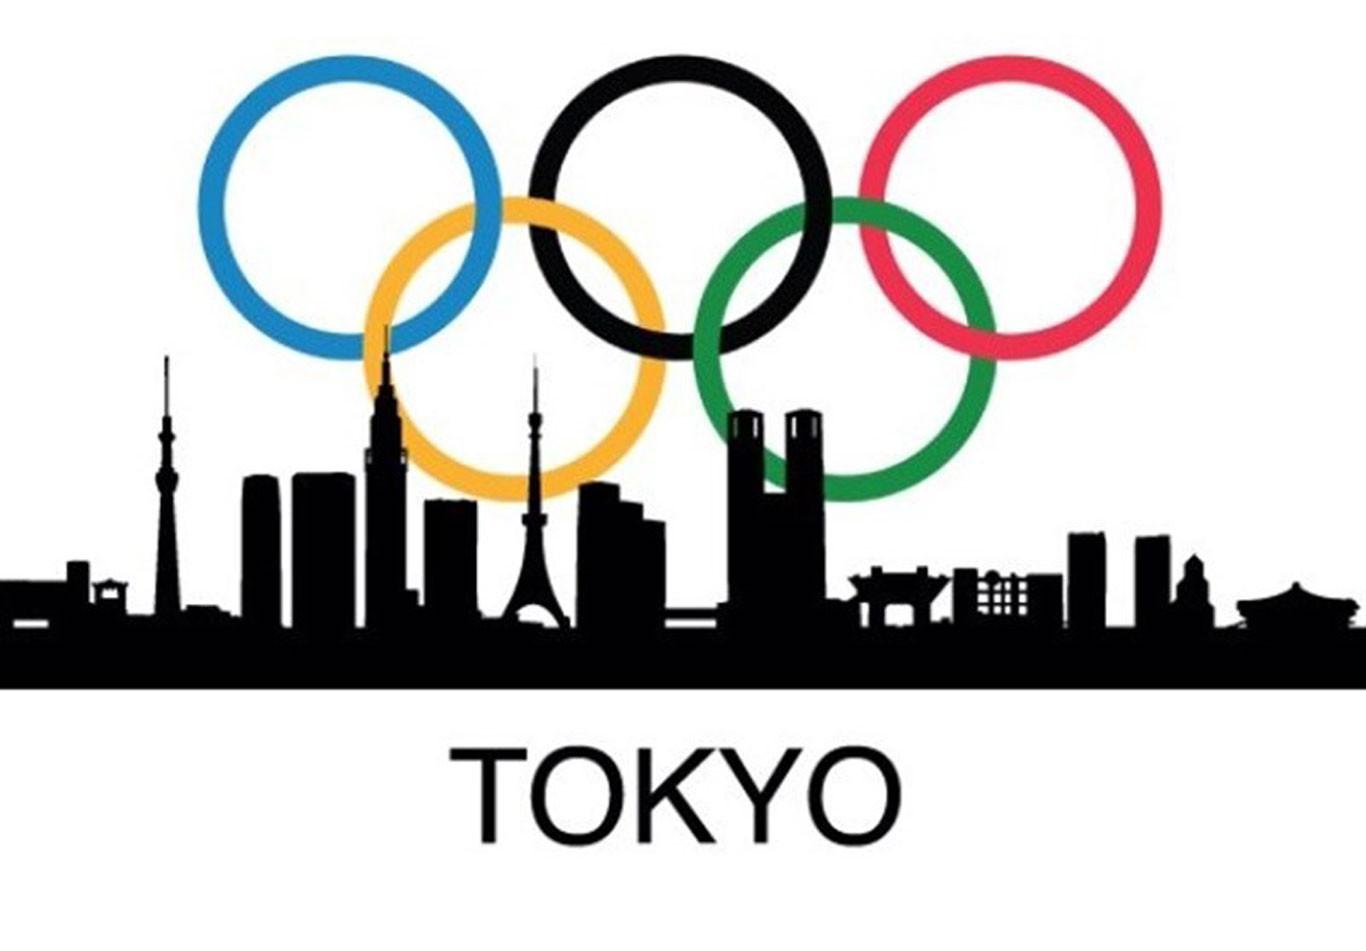 ओलम्पिक पुरुष फुटबलमा खेलाडीको उमेरहद बढाउने तयारी